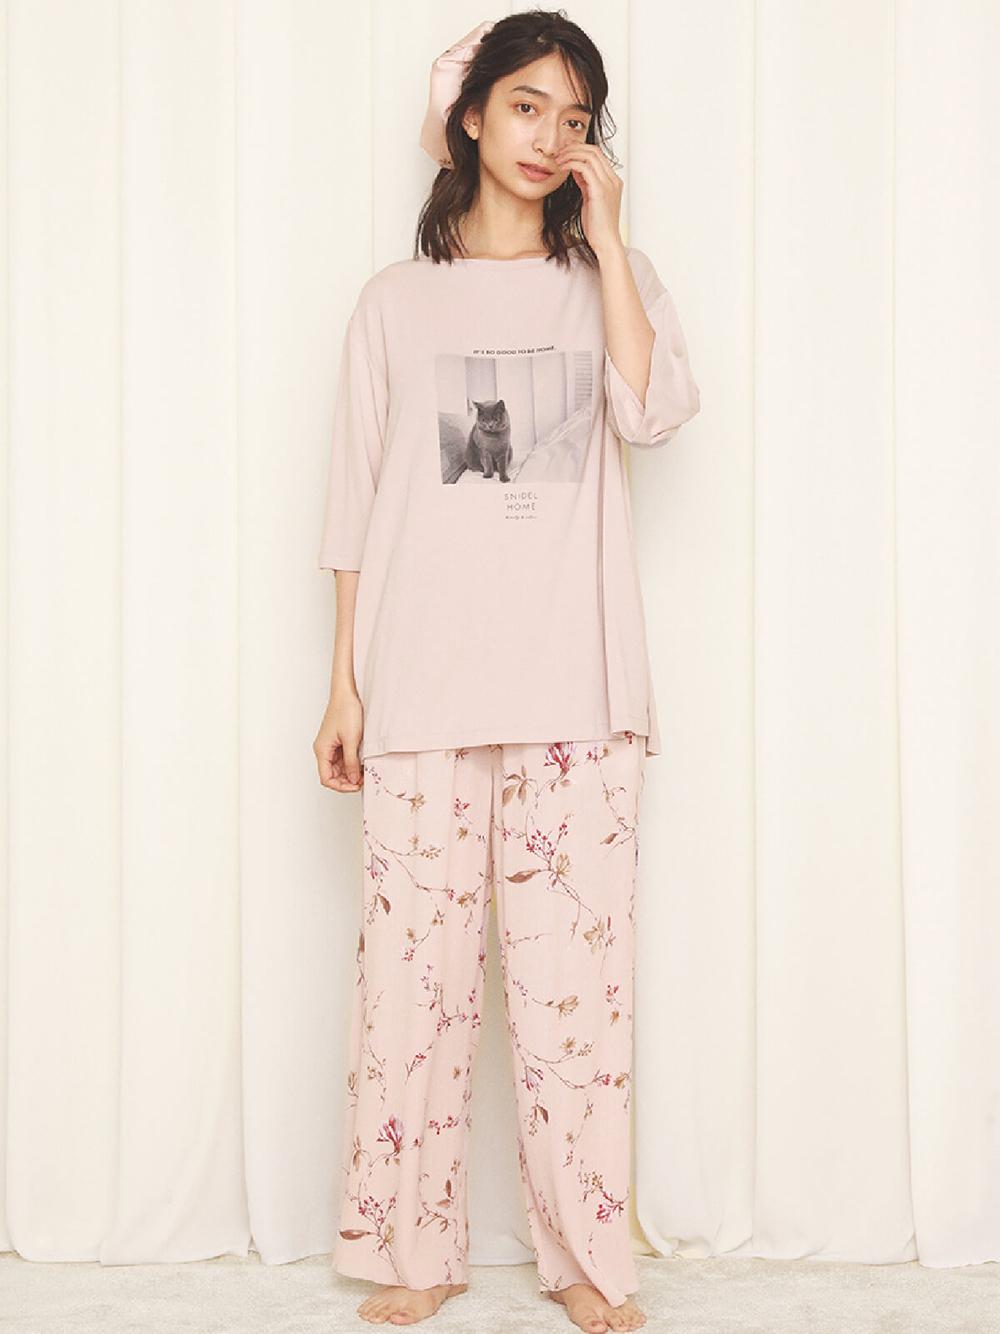 CATプリントTシャツ(LAV-F)